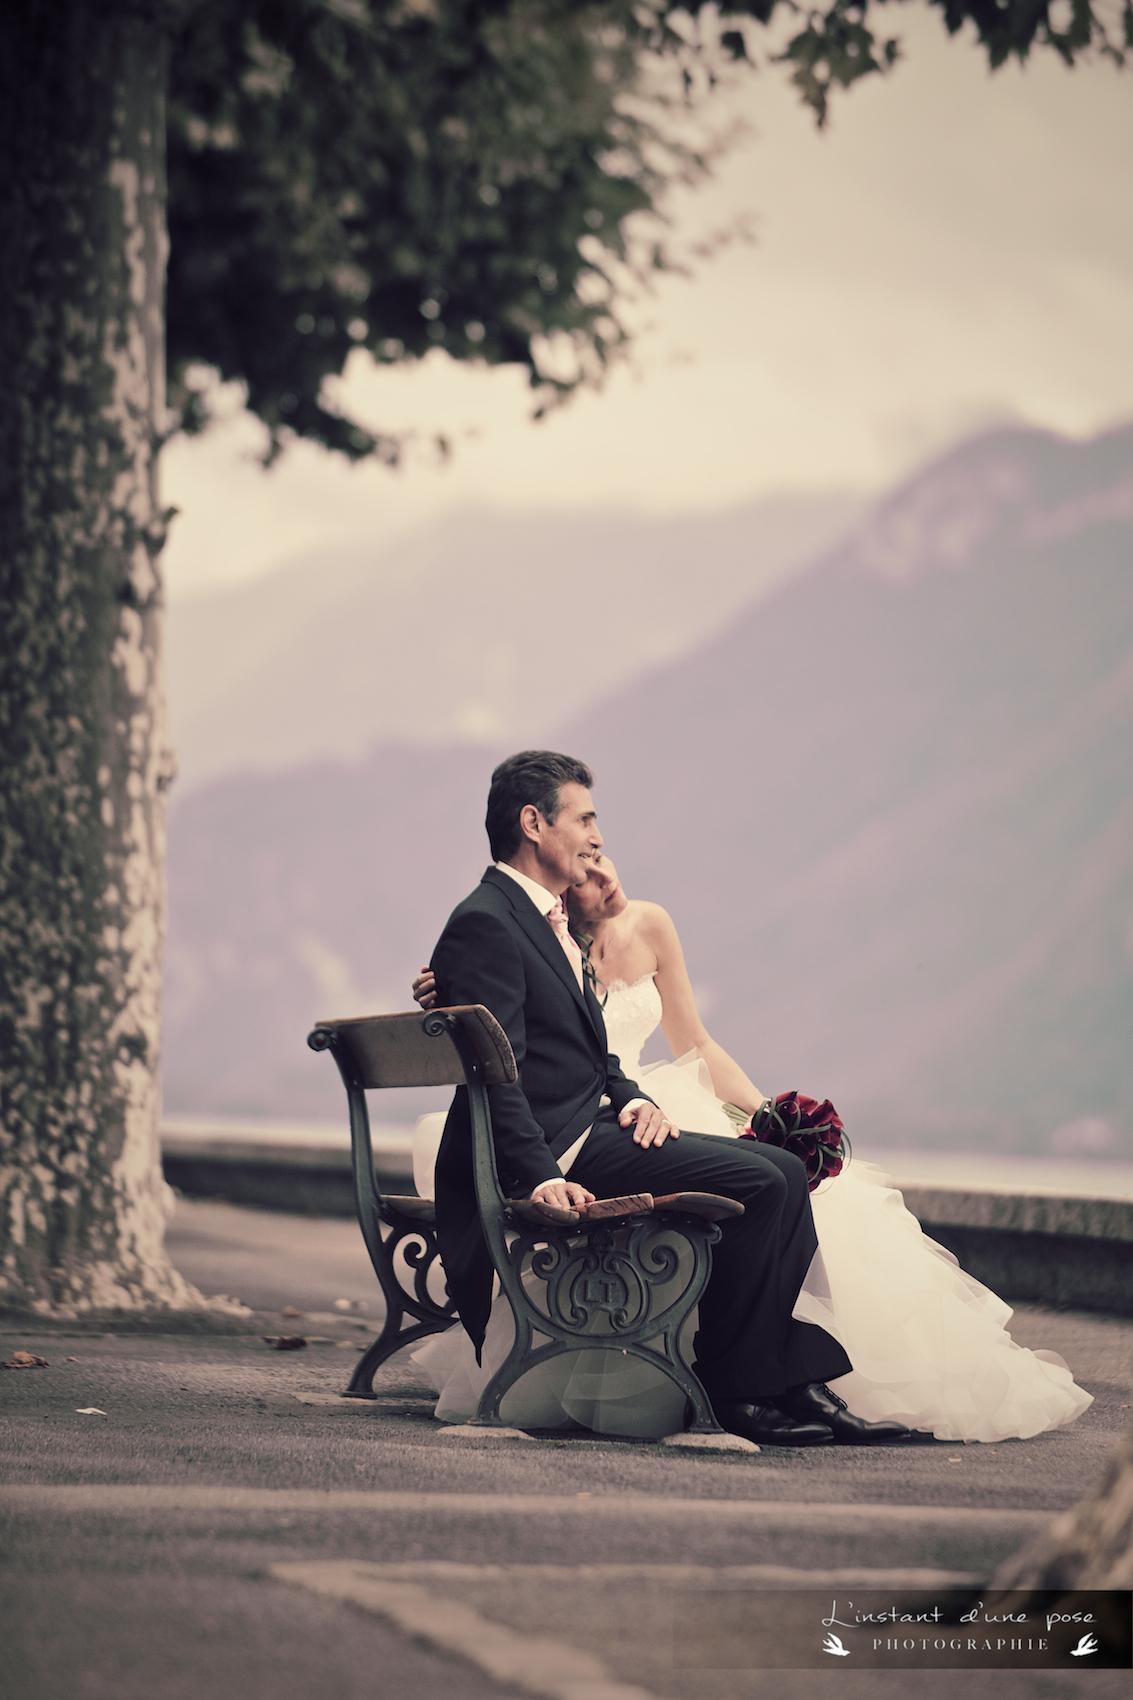 A&N_les mariés 207